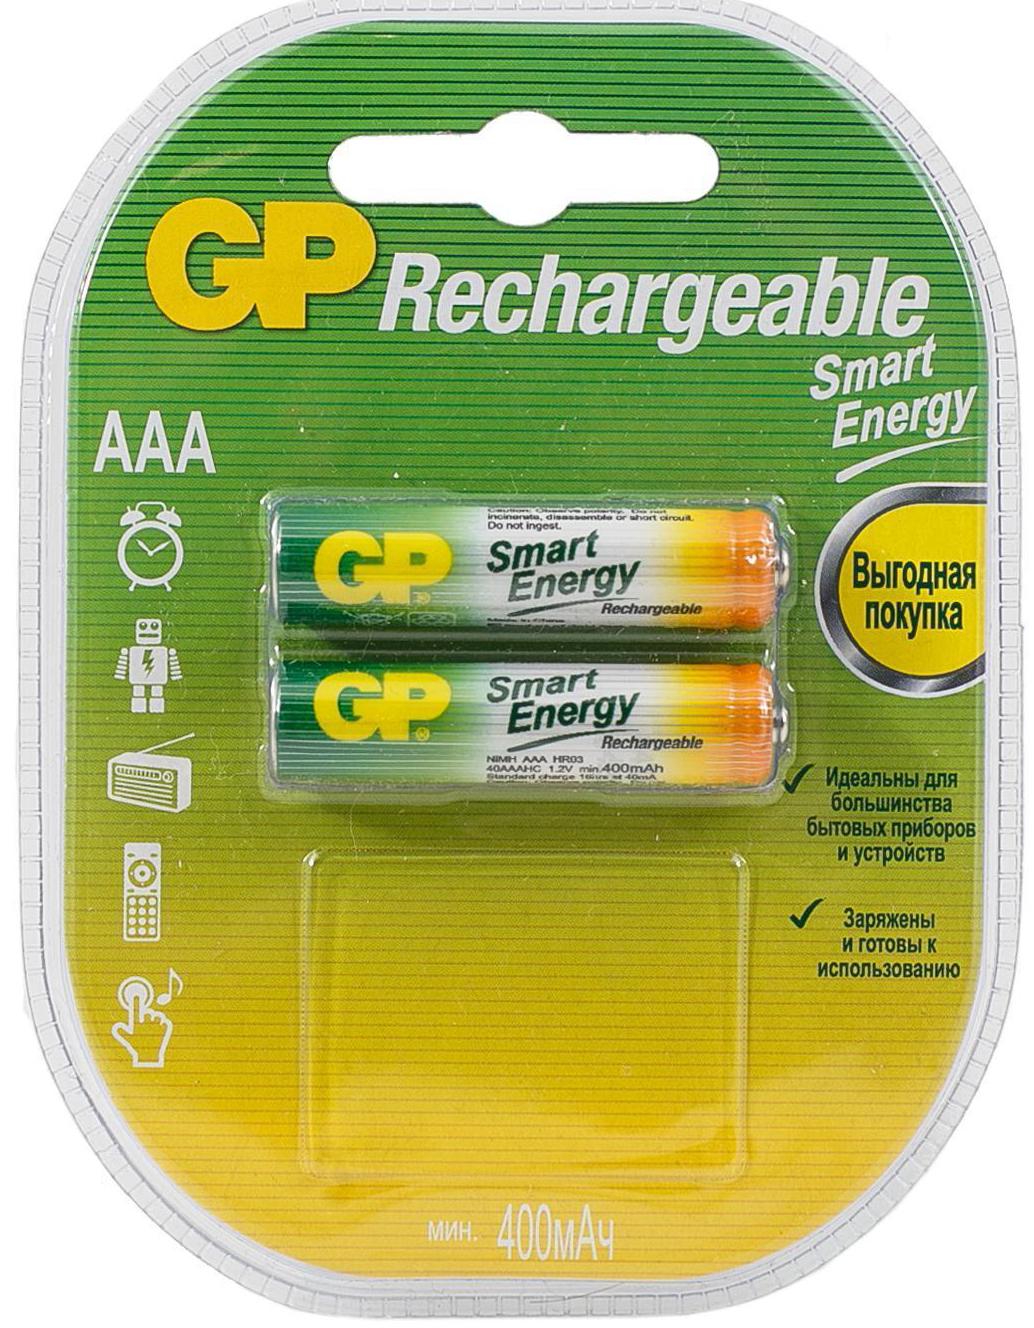 Перезаряжаемые аккумуляторы GP Smart Energy AAA, емкость 400 мАч (Блистер, 2 шт)